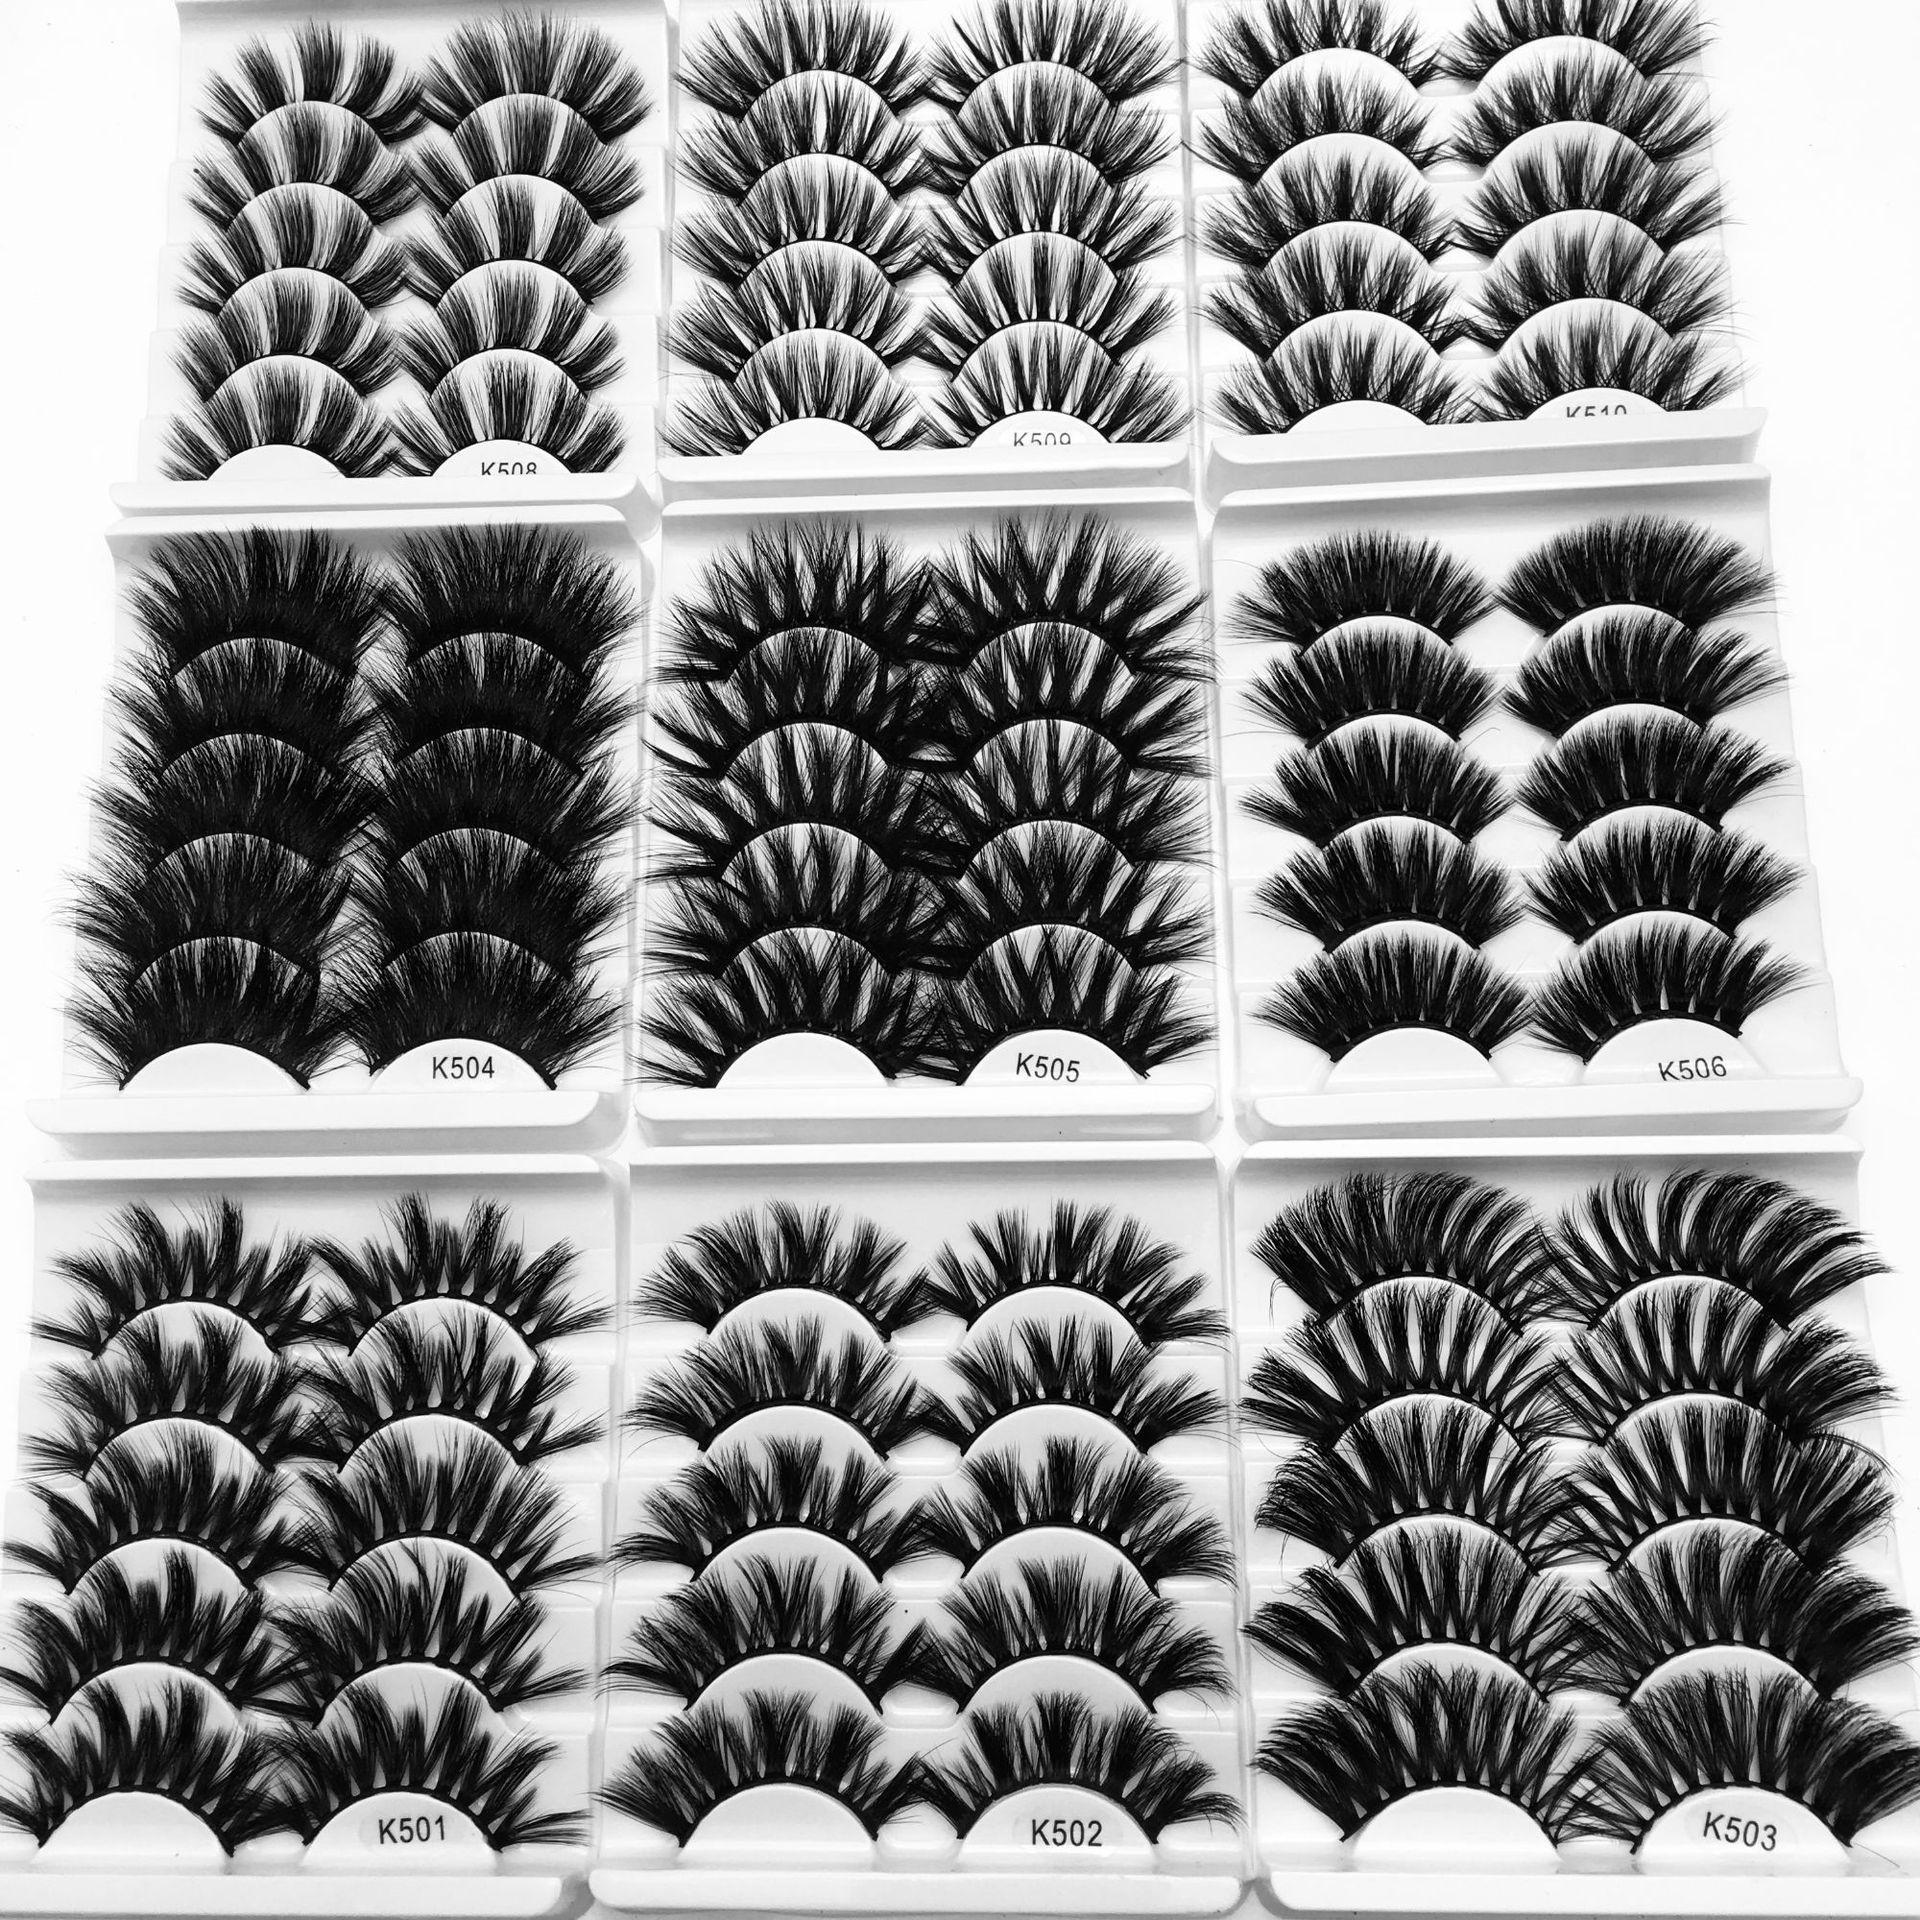 25MM ثعلب الماء شعر الرموش الصناعية متقاطع أدوات ماكياج سميك 3D رموش تمديد اليدوية العين 5PAIR / حزمة